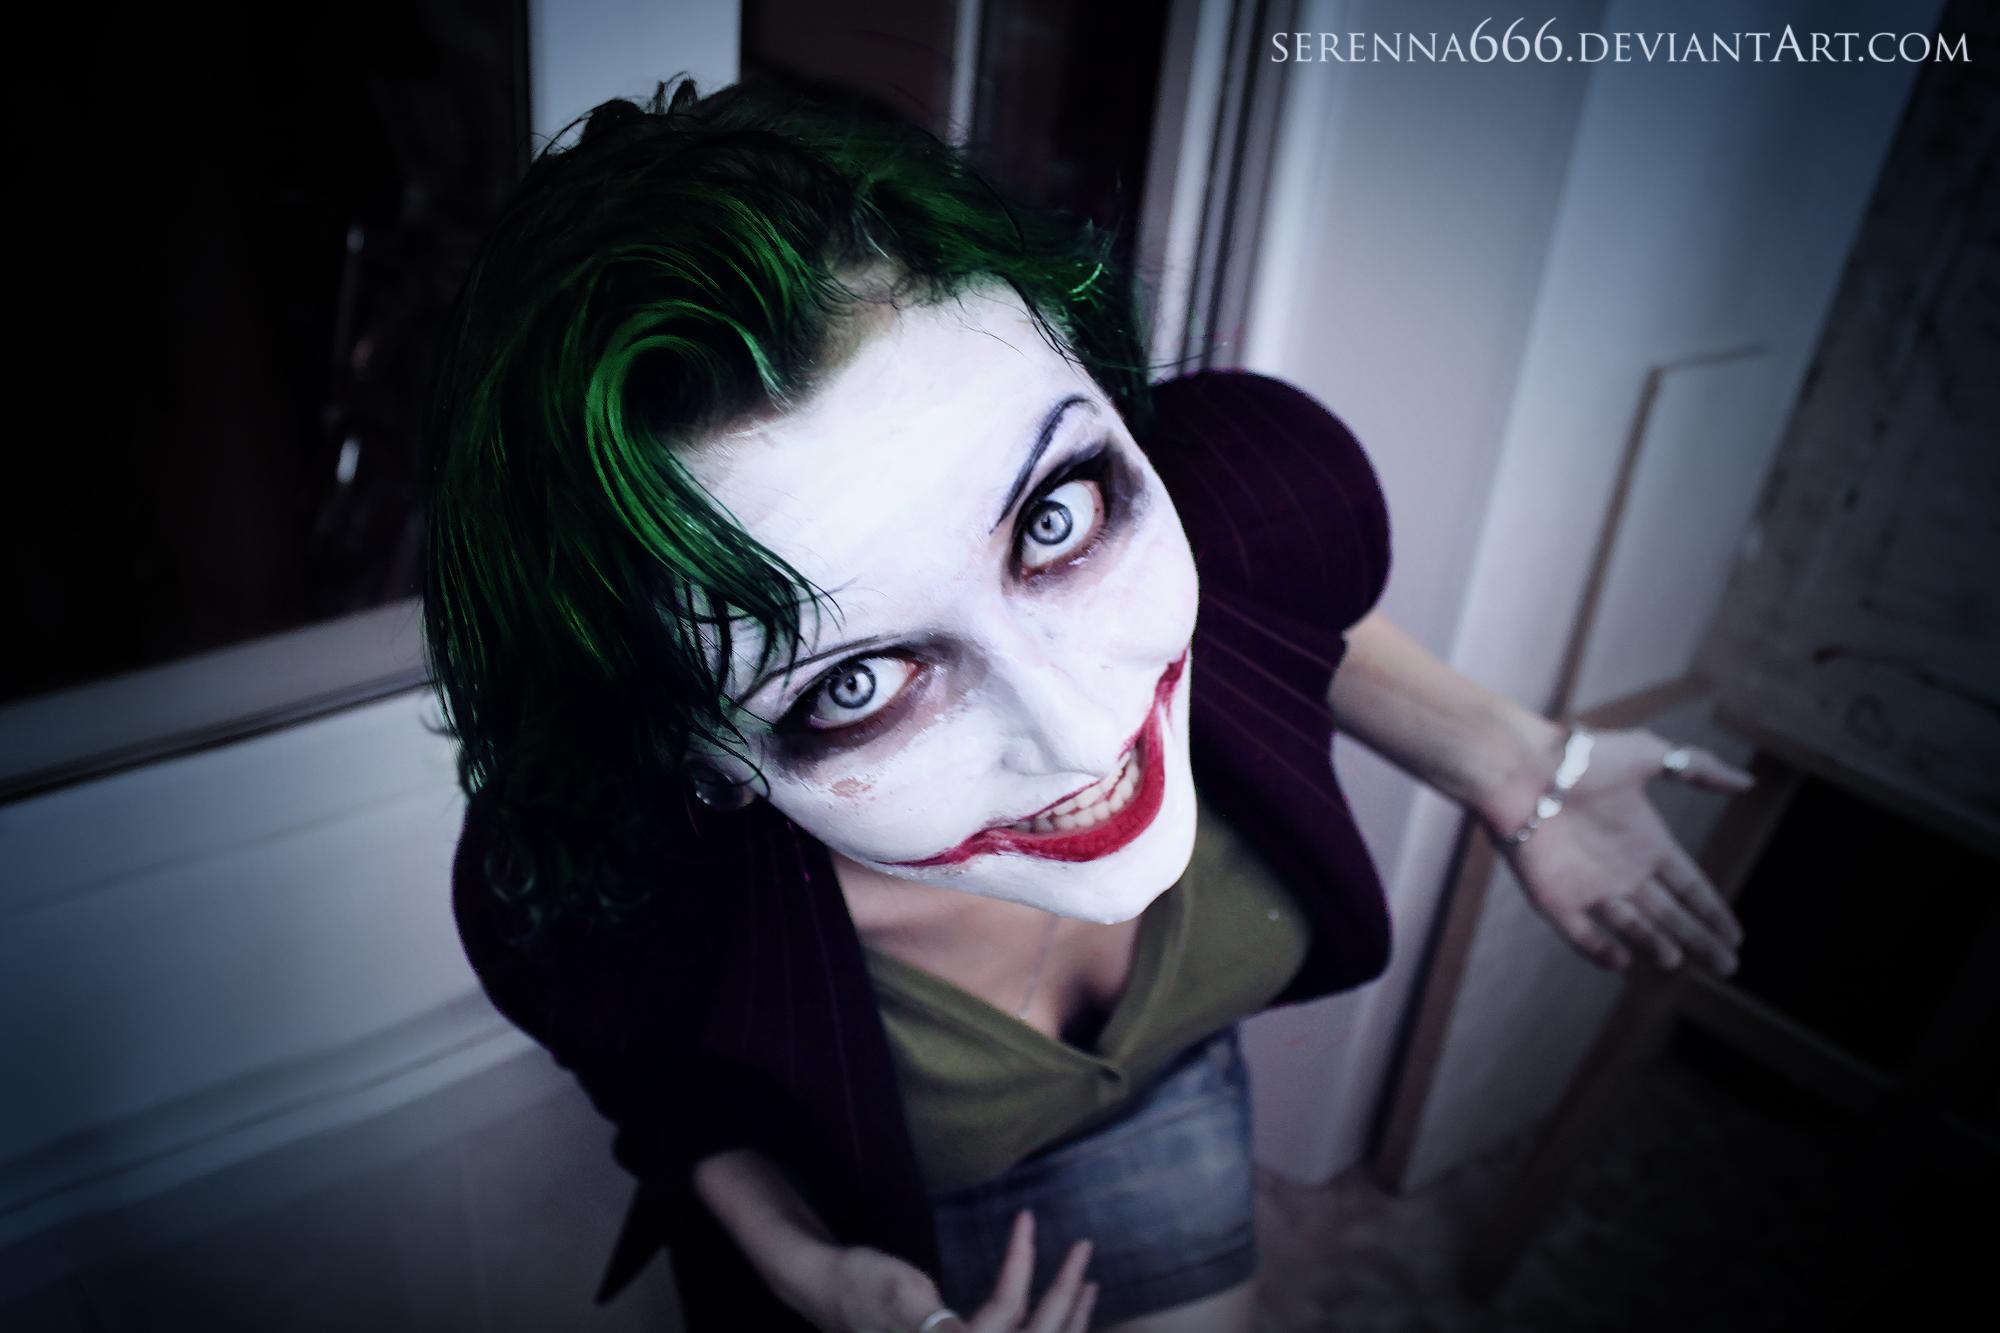 Joker by:  Serenna666